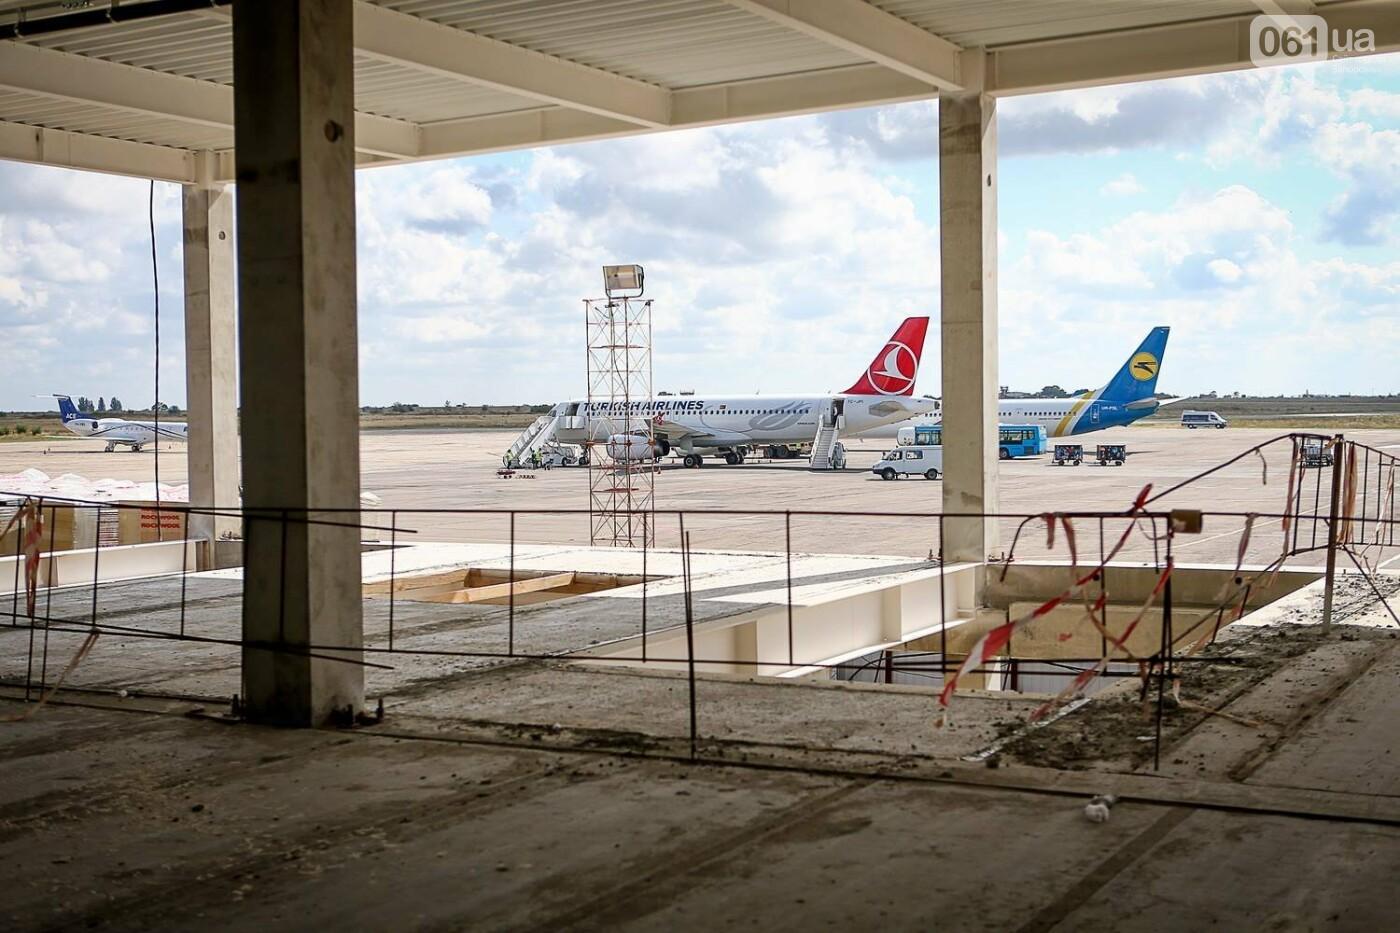 Как идет строительство нового терминала аэропорта Запорожья 3